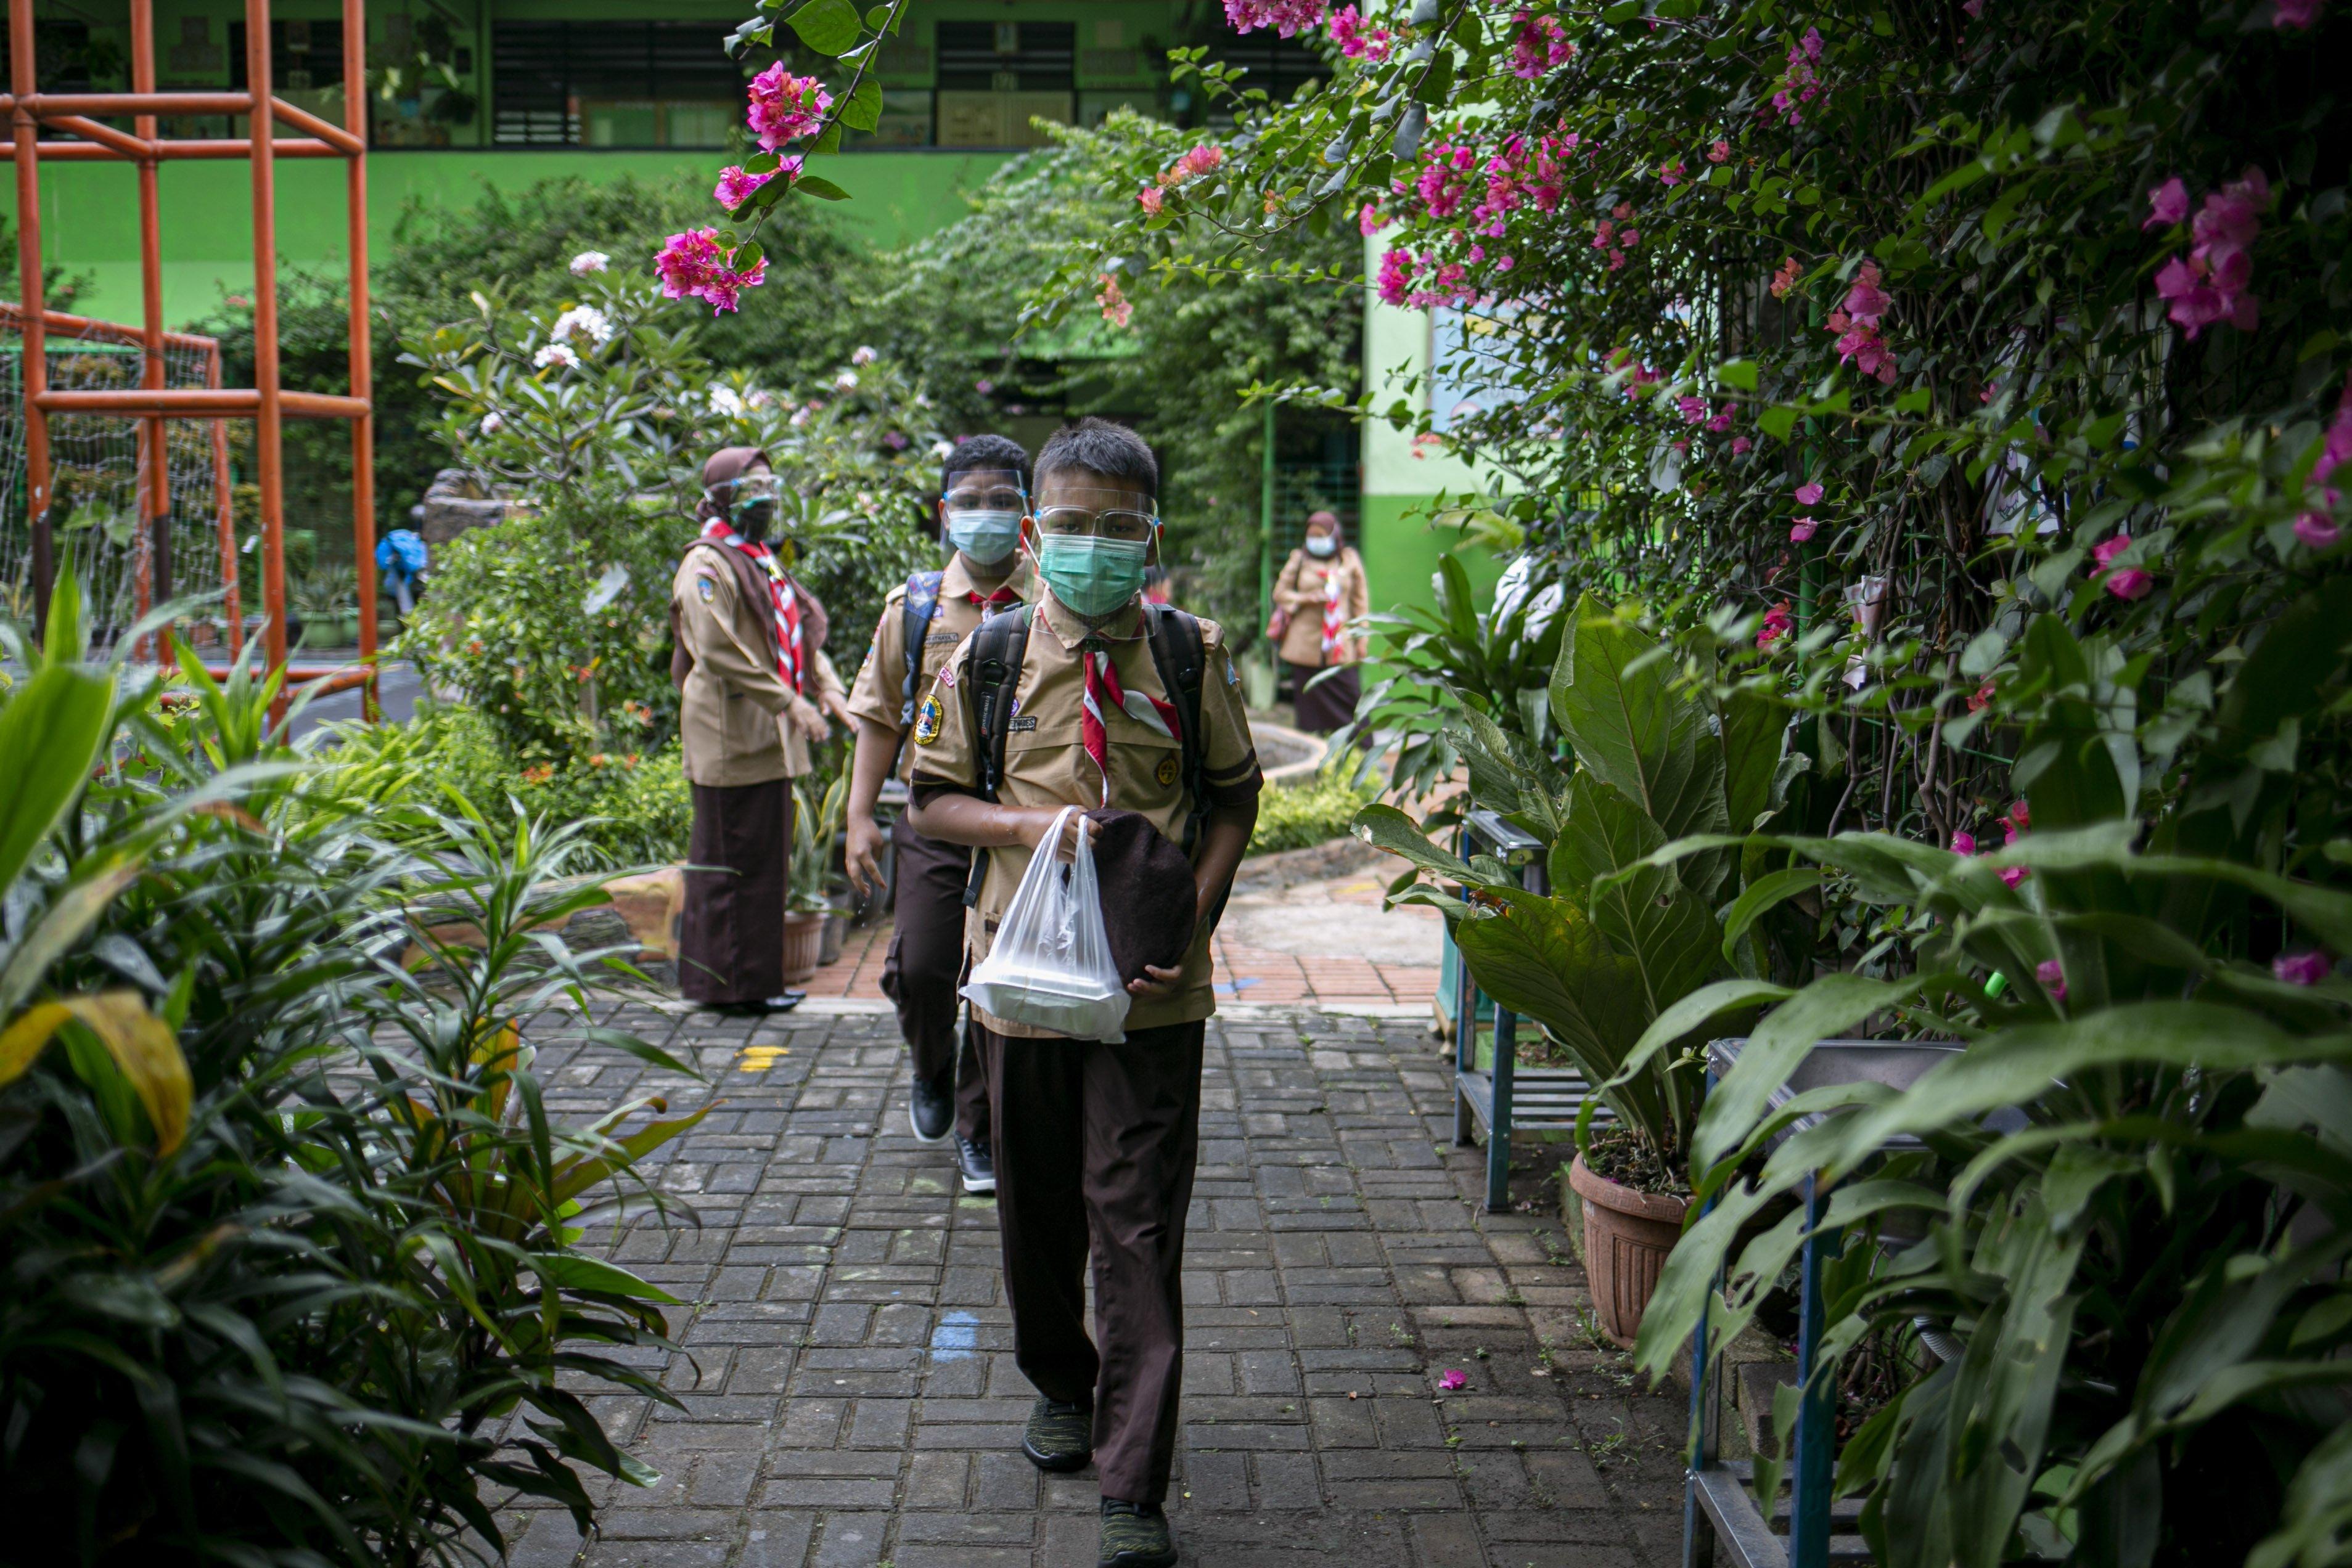 Sejumlah siswa memasuki sekolah untuk mengikuti uji coba pembelajaran tatap muka di SDN Kenari 08 pagi, Jakarta, Rabu (7/4/2021). Pemerintah Provinsi DKI akan melakukan uji coba pembelajaran tatap muka terbatas di 85 sekolah mulai 7 April hingga 29 April 2021 dengan menerapkan protokol kesehatan Covid-19 yang ketat. Skema yang akan diterapkan adalah pembelajaran tatap muka secara bergantian di dalam ruangan maksimum 50 persen dari kapasitas ruangan.